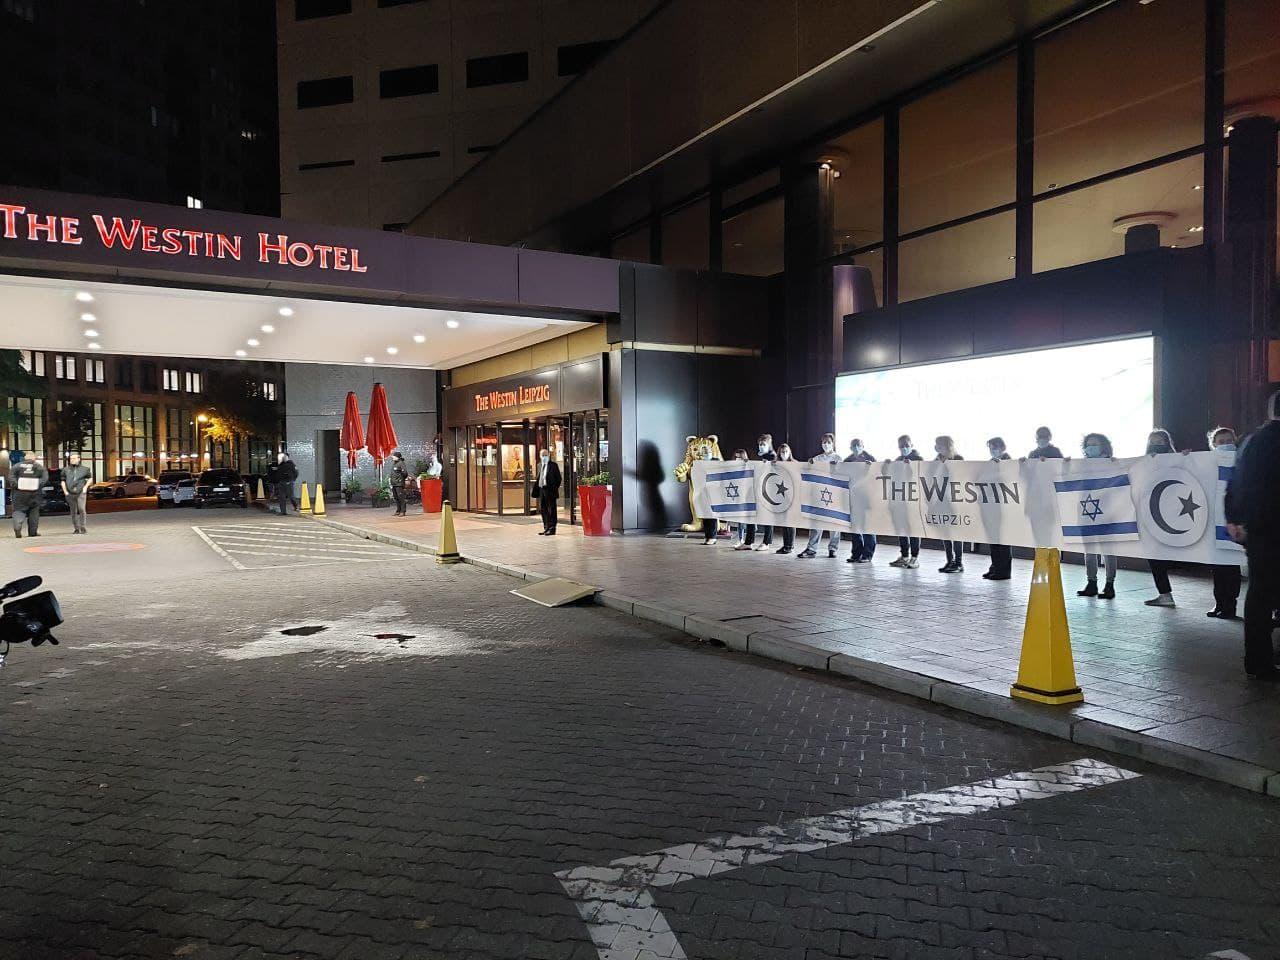 Der Eingang ist nach der Protestaktion am Abend wieder frei, die Mitarbeiterinnen des Westin haben bis zum Schluss ausgeharrt. Foto: LZ